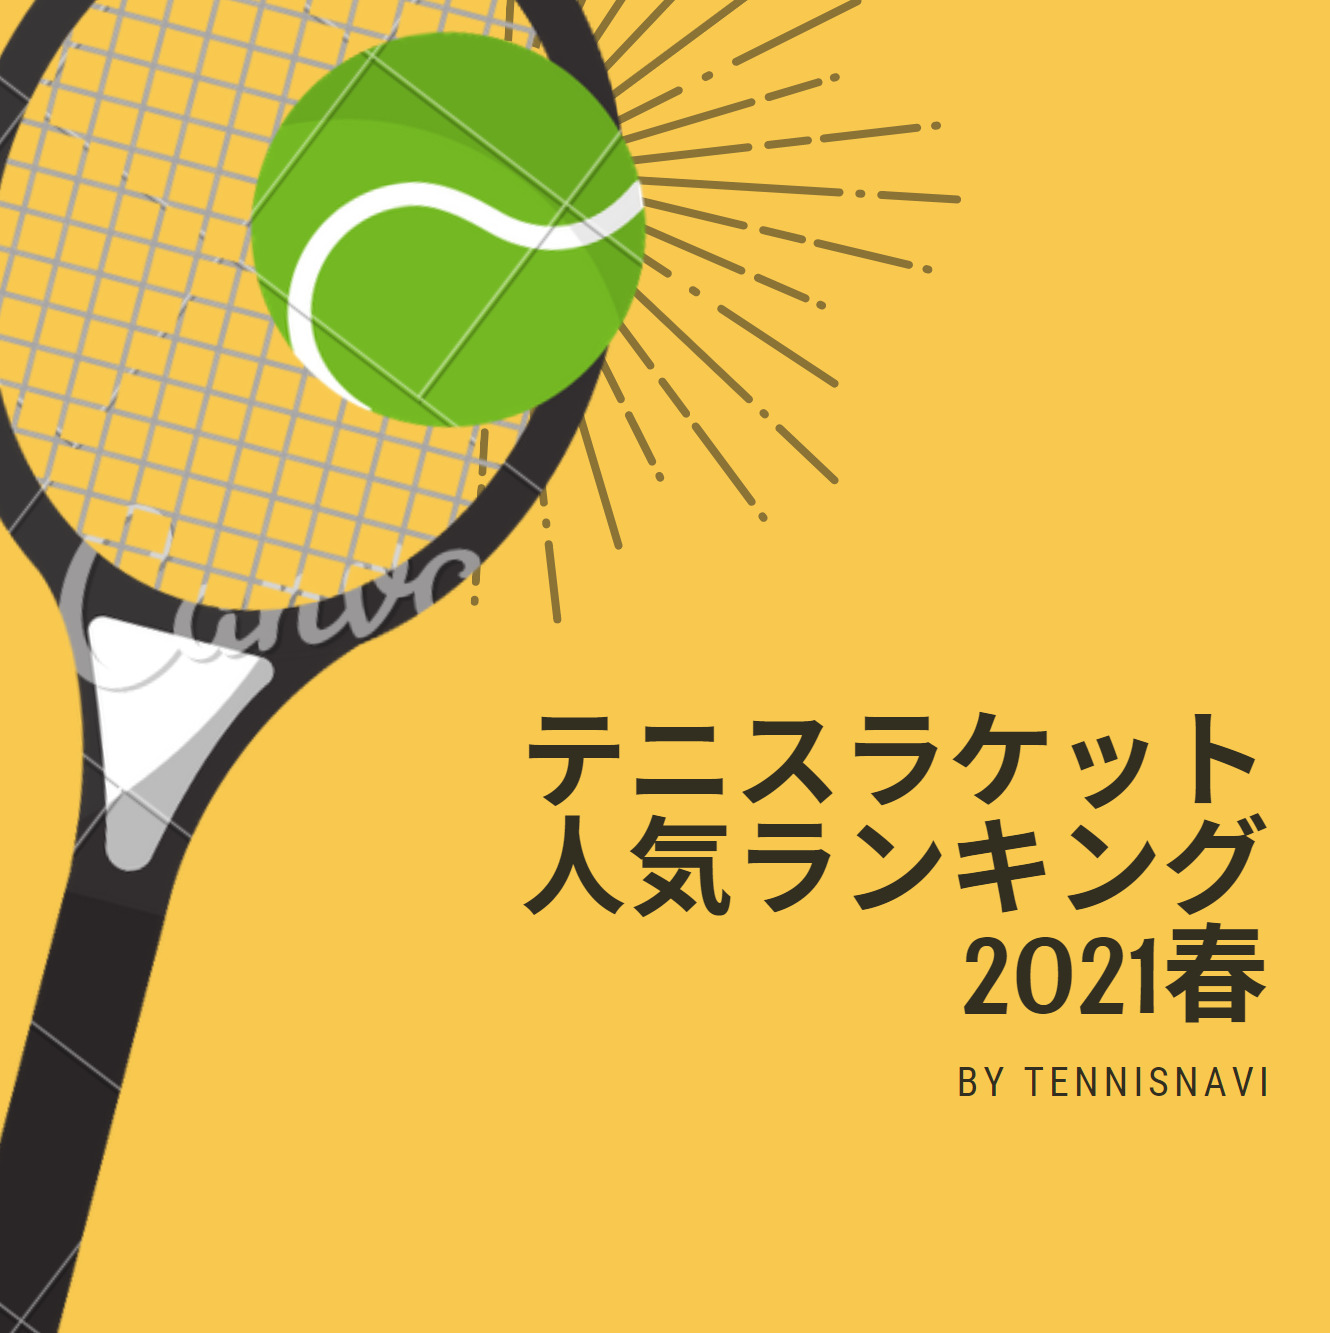 【2021年春】テニスラケット最新人気ランキング!